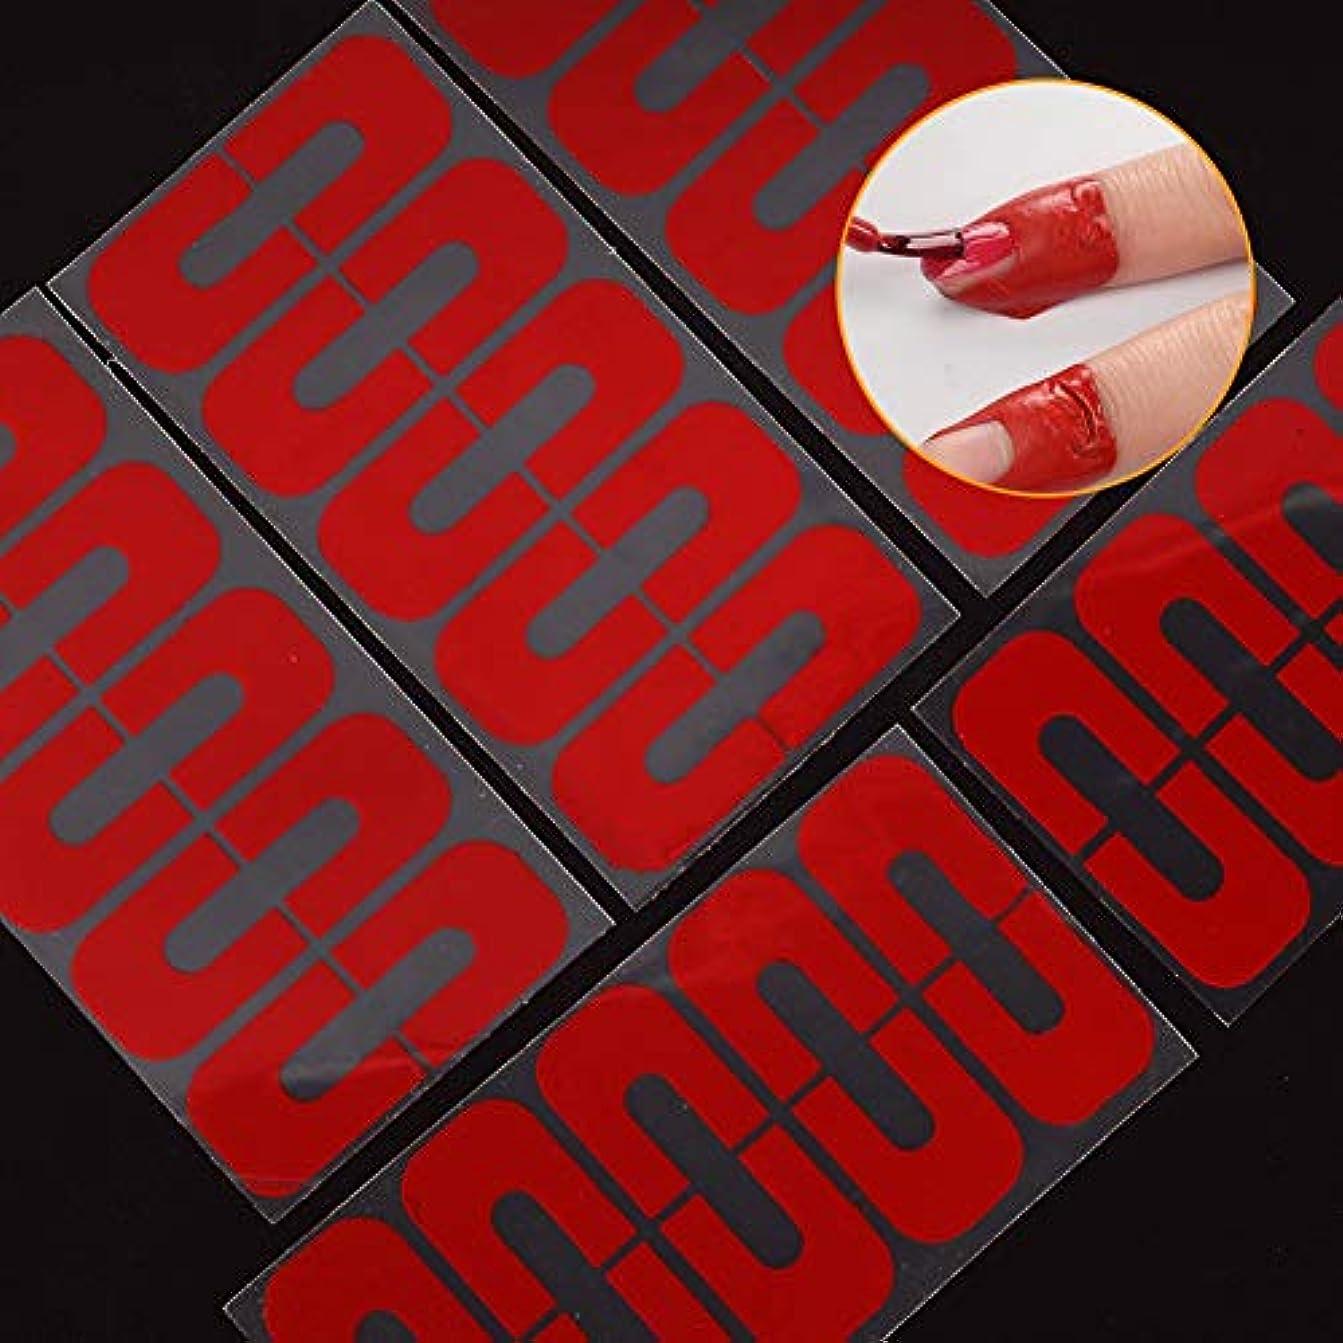 人口まさに夕方hamulekfae-50個使い捨てU字型こぼれ防止ネイルプロテクター弾性指カバーステッカー - 赤50個Red50pcs